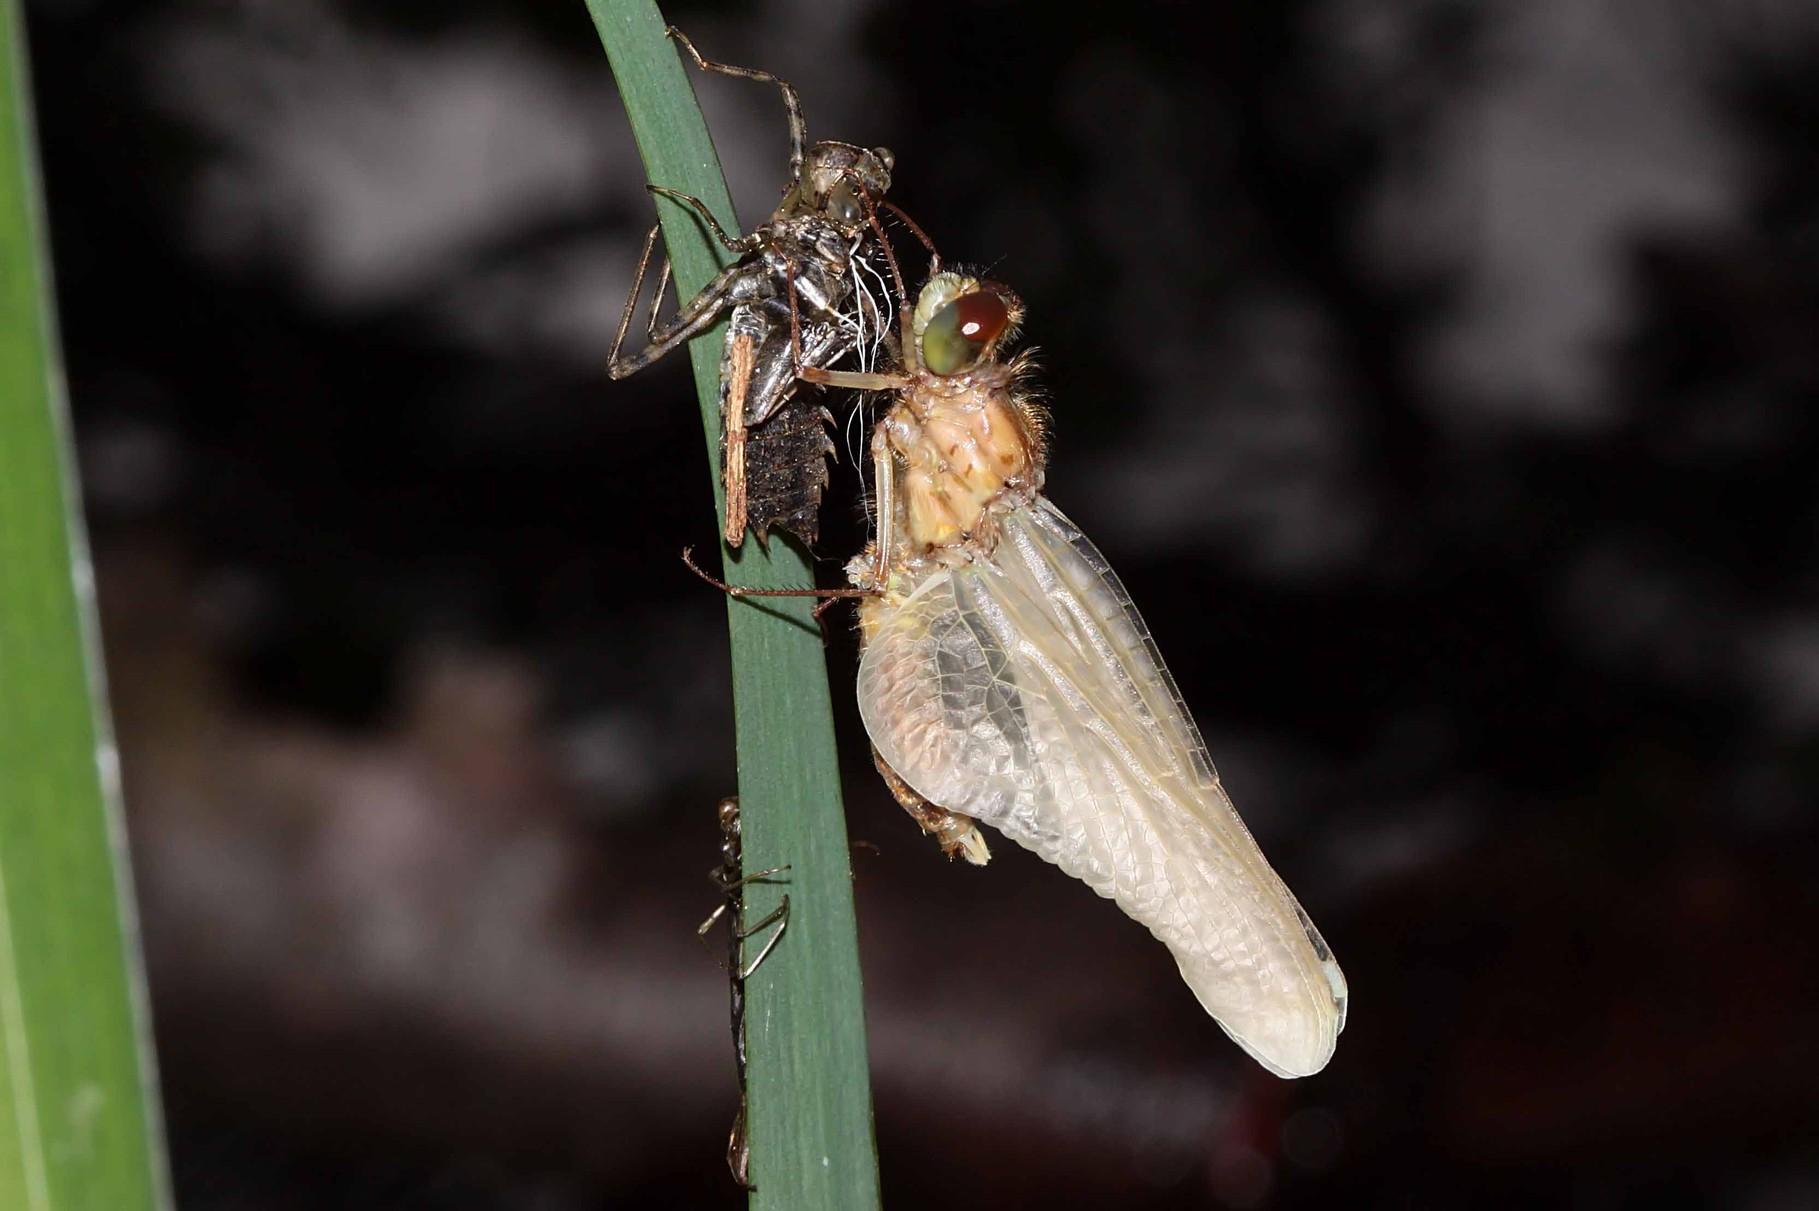 Der Hinterleib wird gestreckt und die Flügel vergrößern sich.